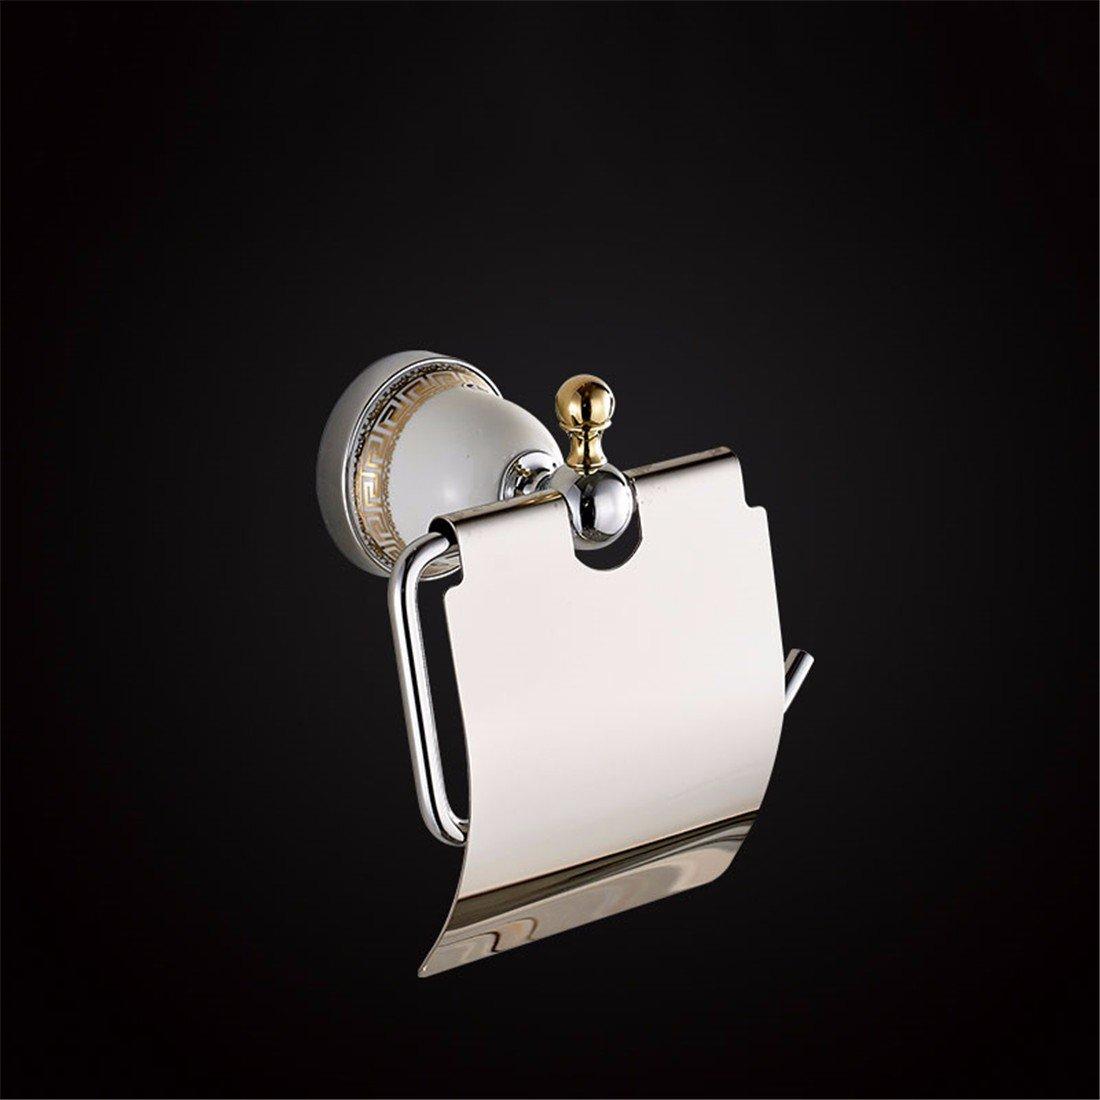 SADASD cobre cromo cromo cromo Portarrollos de Cerámica Juego de accesorios de baño para colgar en la pared estilo pastoral 18f72b